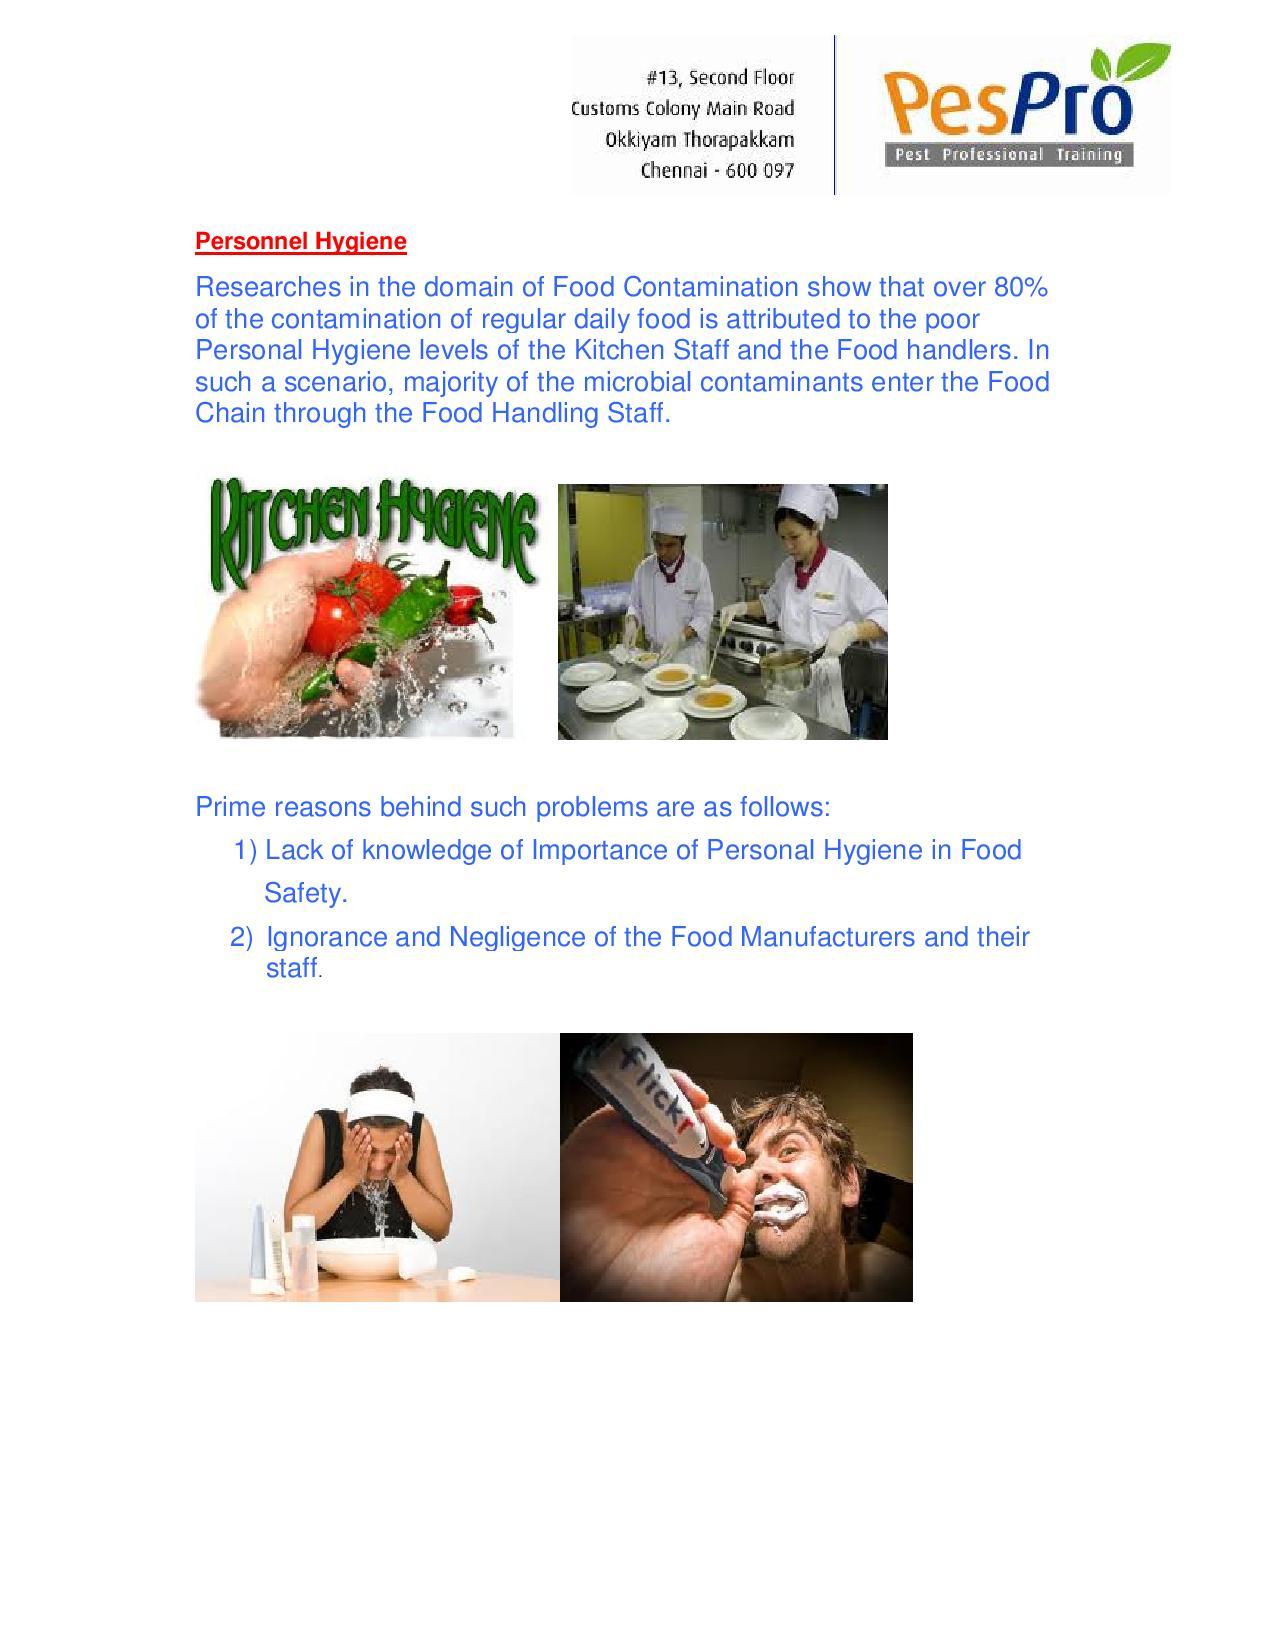 Personal Hygiene of Food Handlers | PesPro